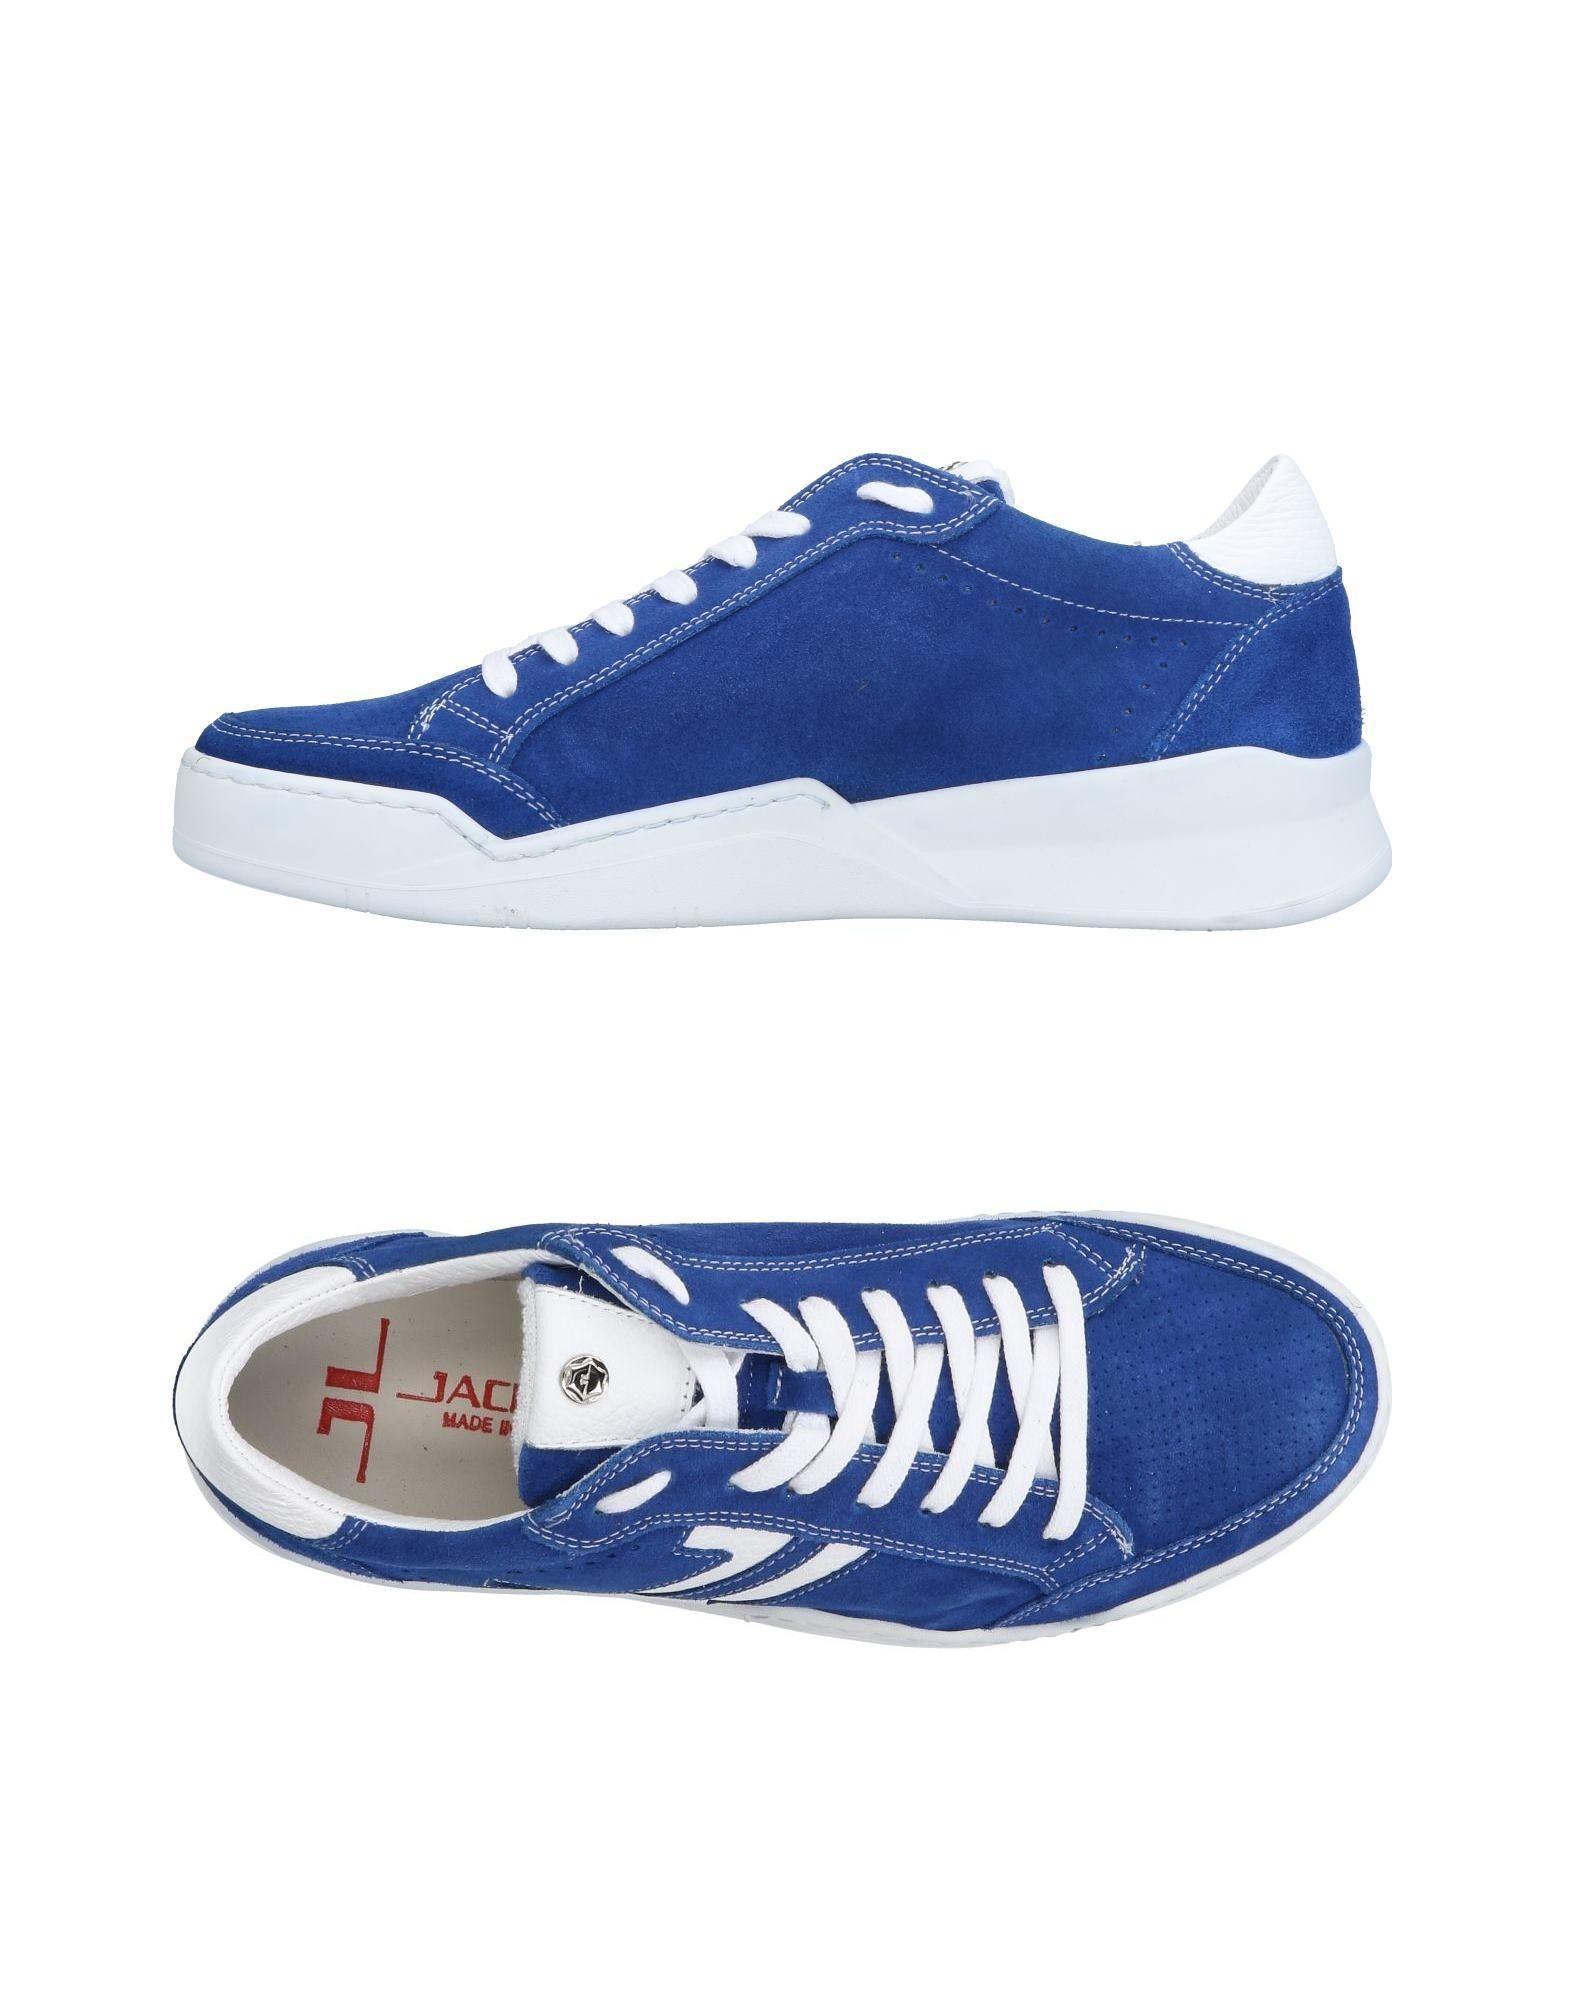 Jackal Sneakers Sneakers - Men Jackal Sneakers Jackal online on  United Kingdom - 11498175ET 3affb6